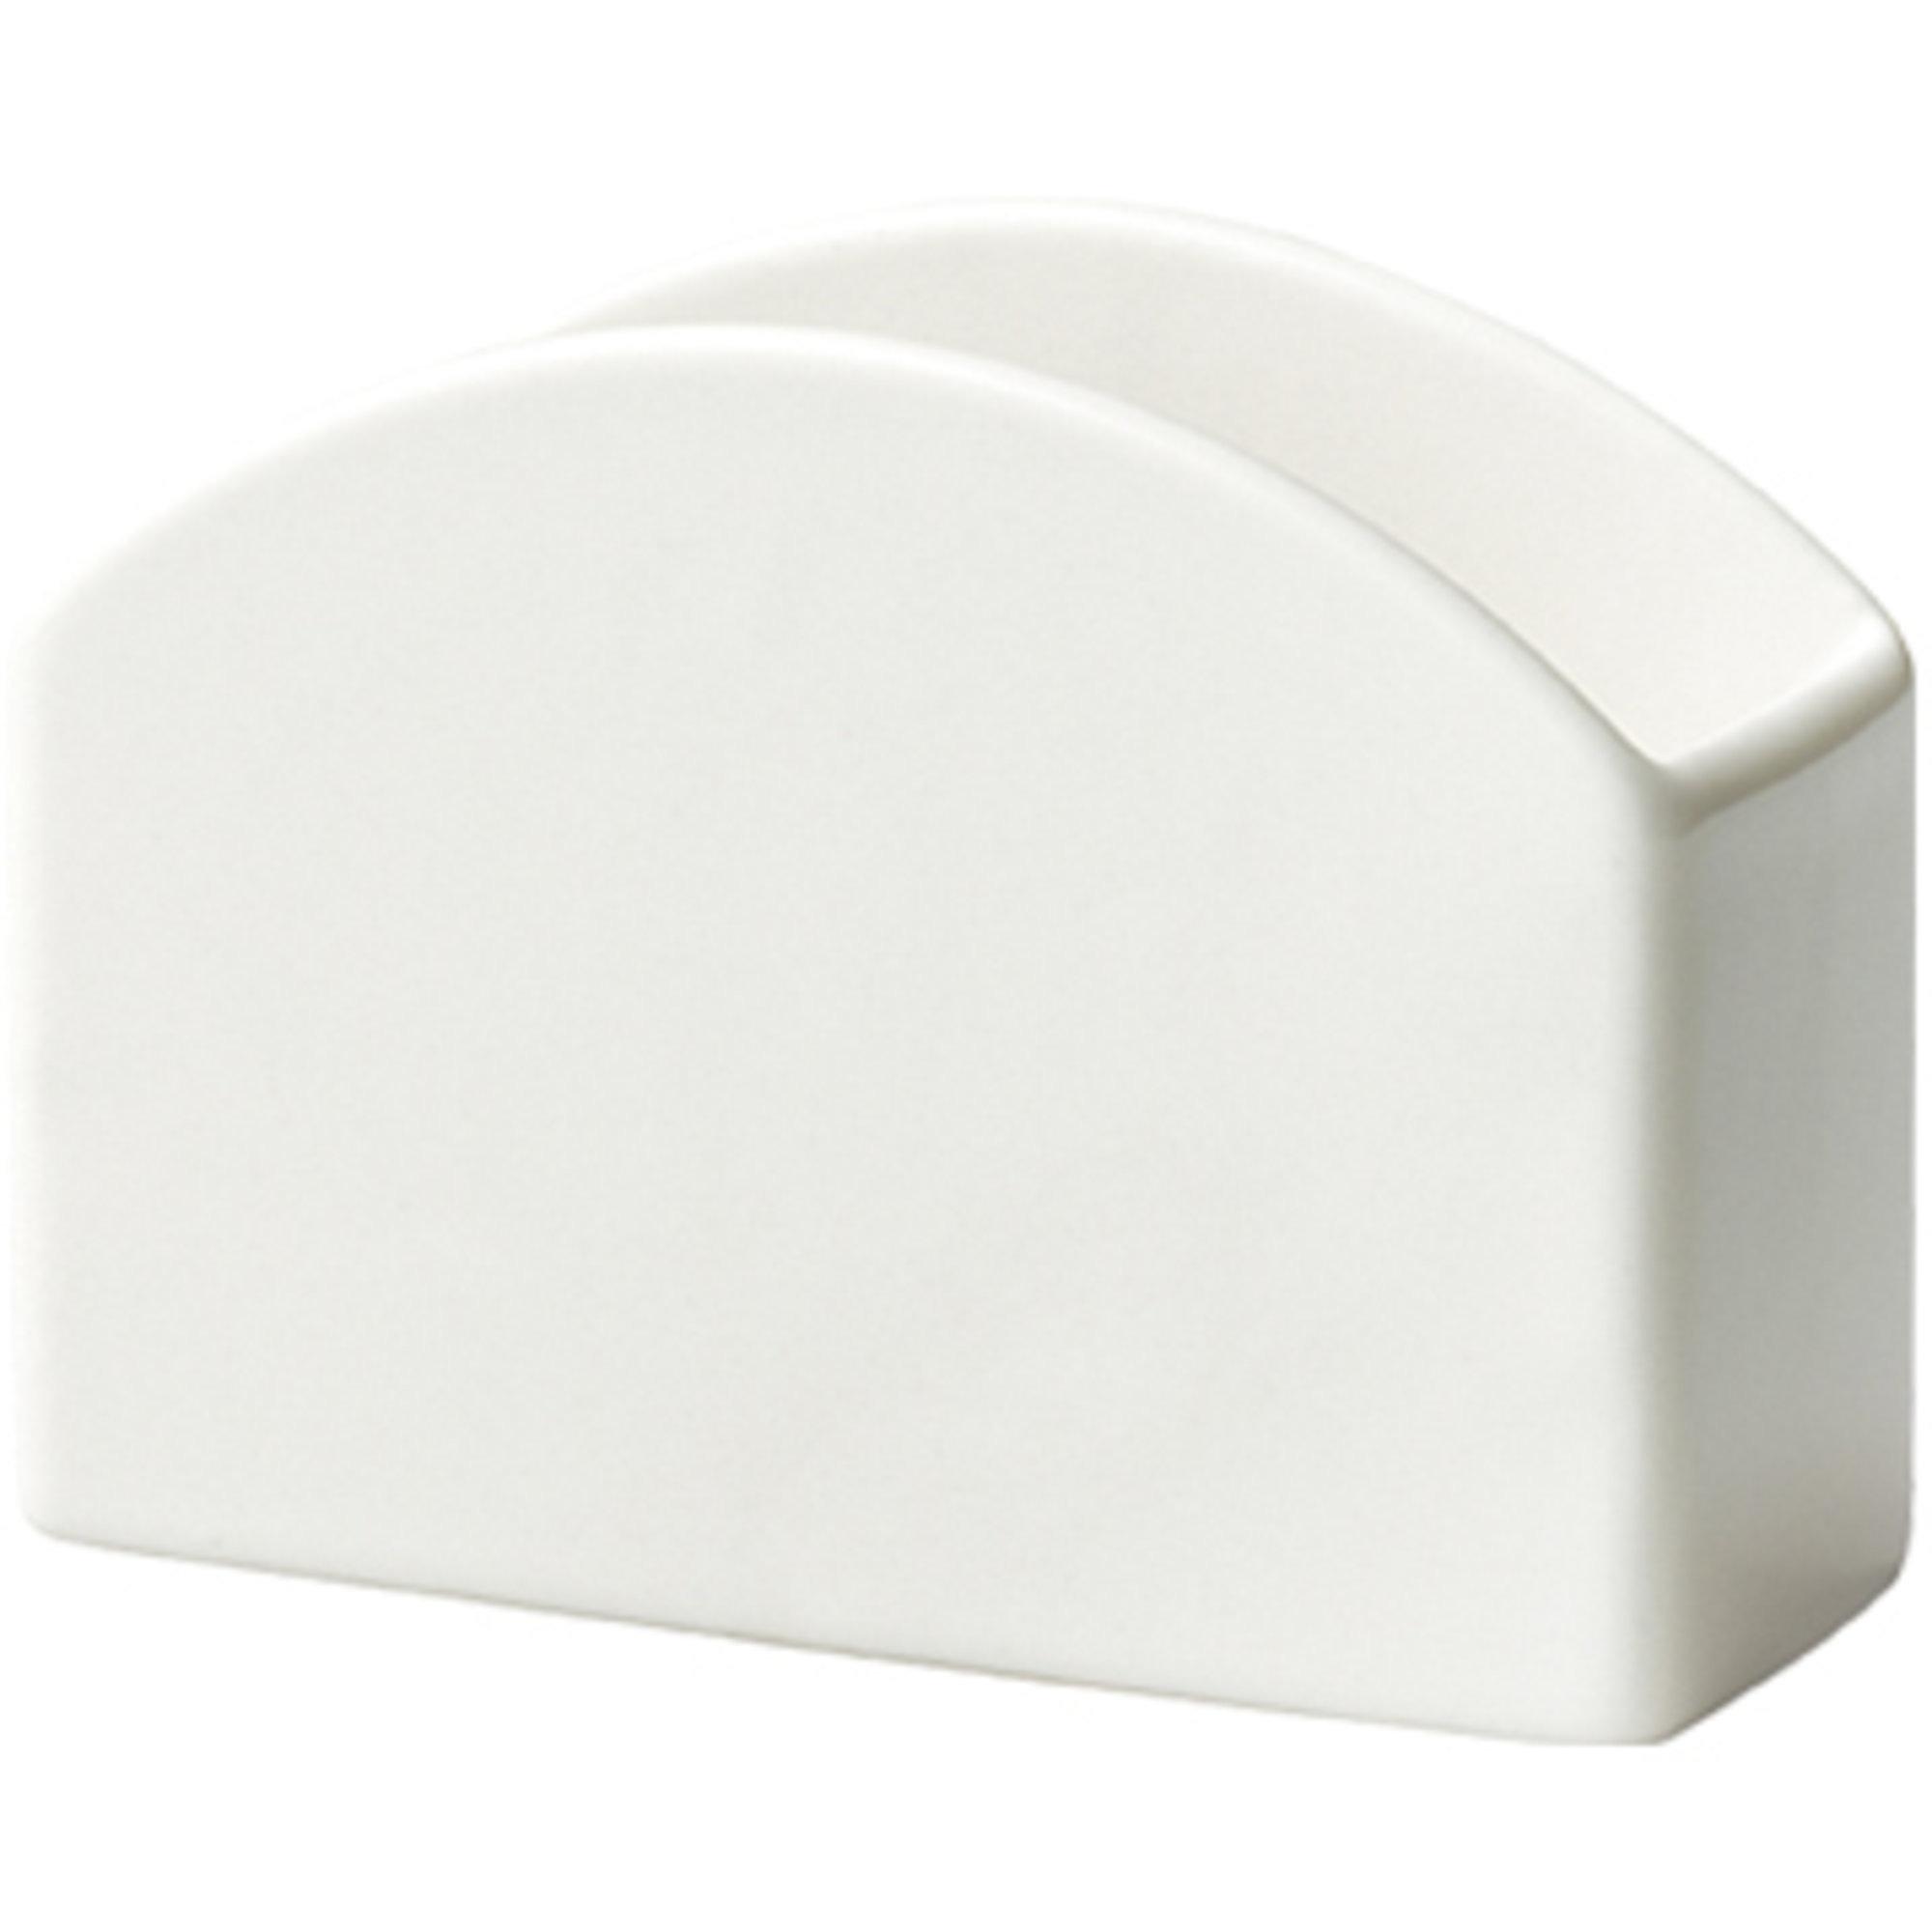 Kinto SCS Porslinshållare för kaffefilter